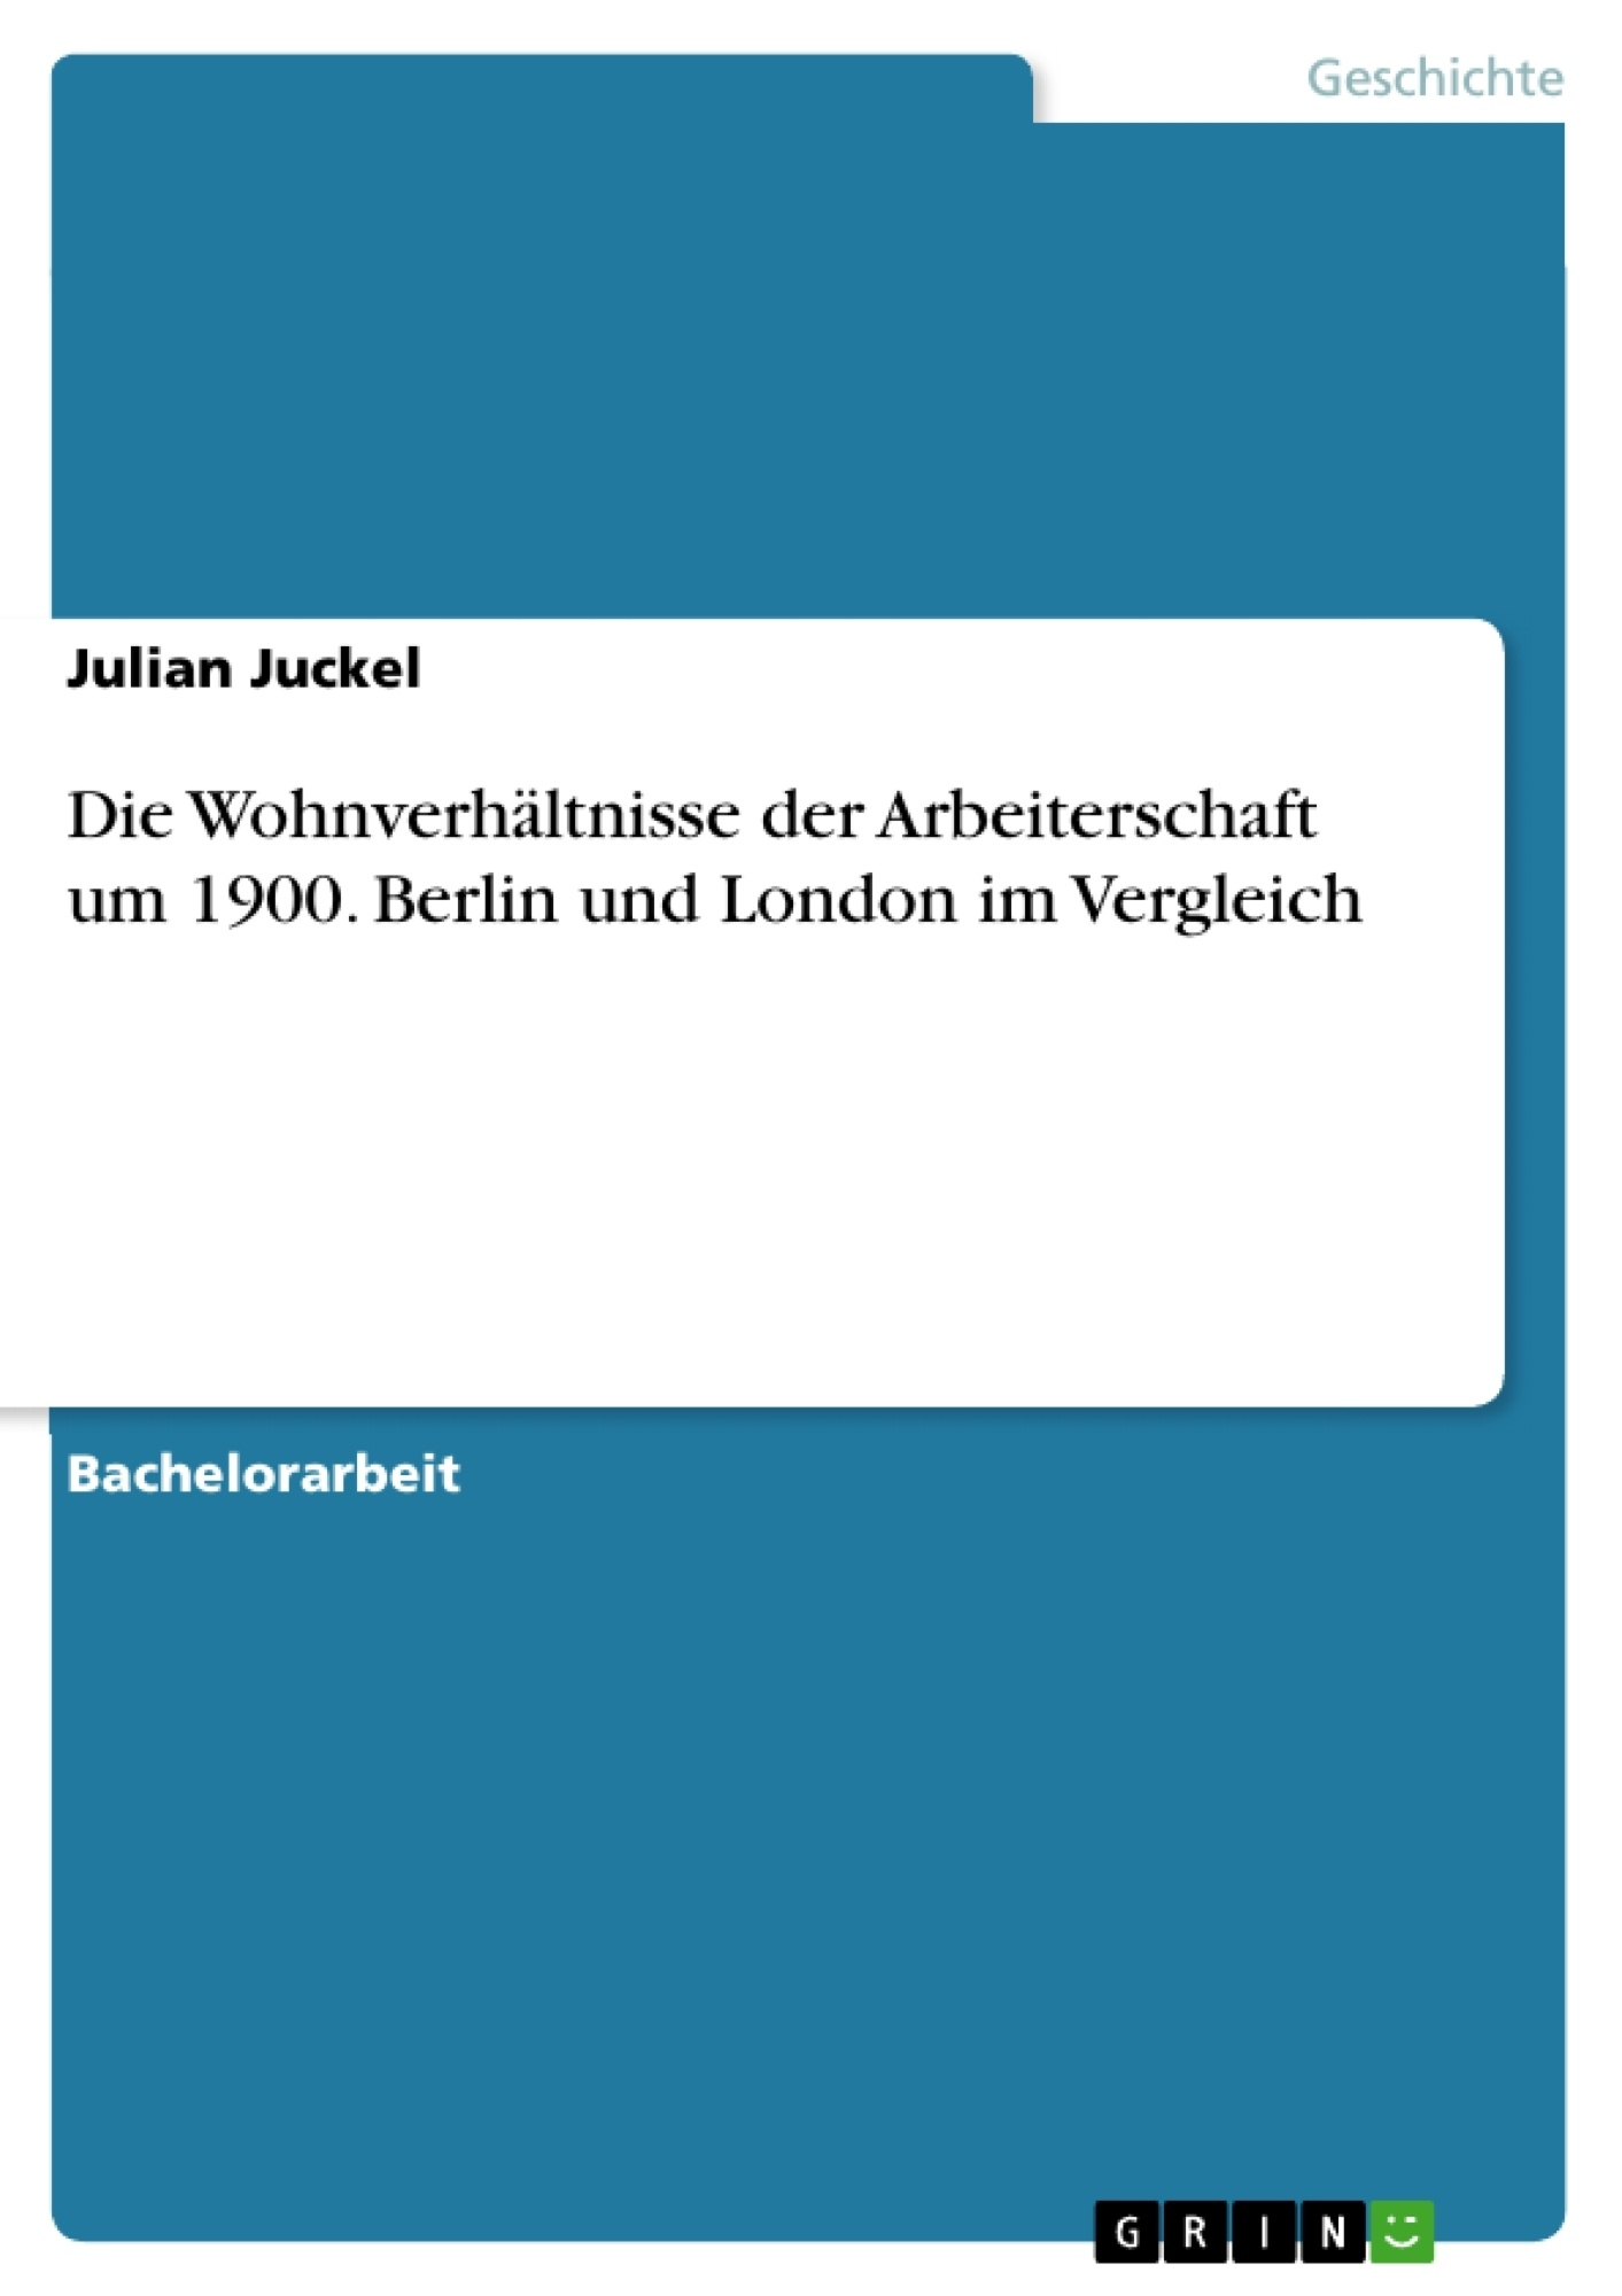 Titel: Die Wohnverhältnisse der Arbeiterschaft um 1900. Berlin und London im Vergleich